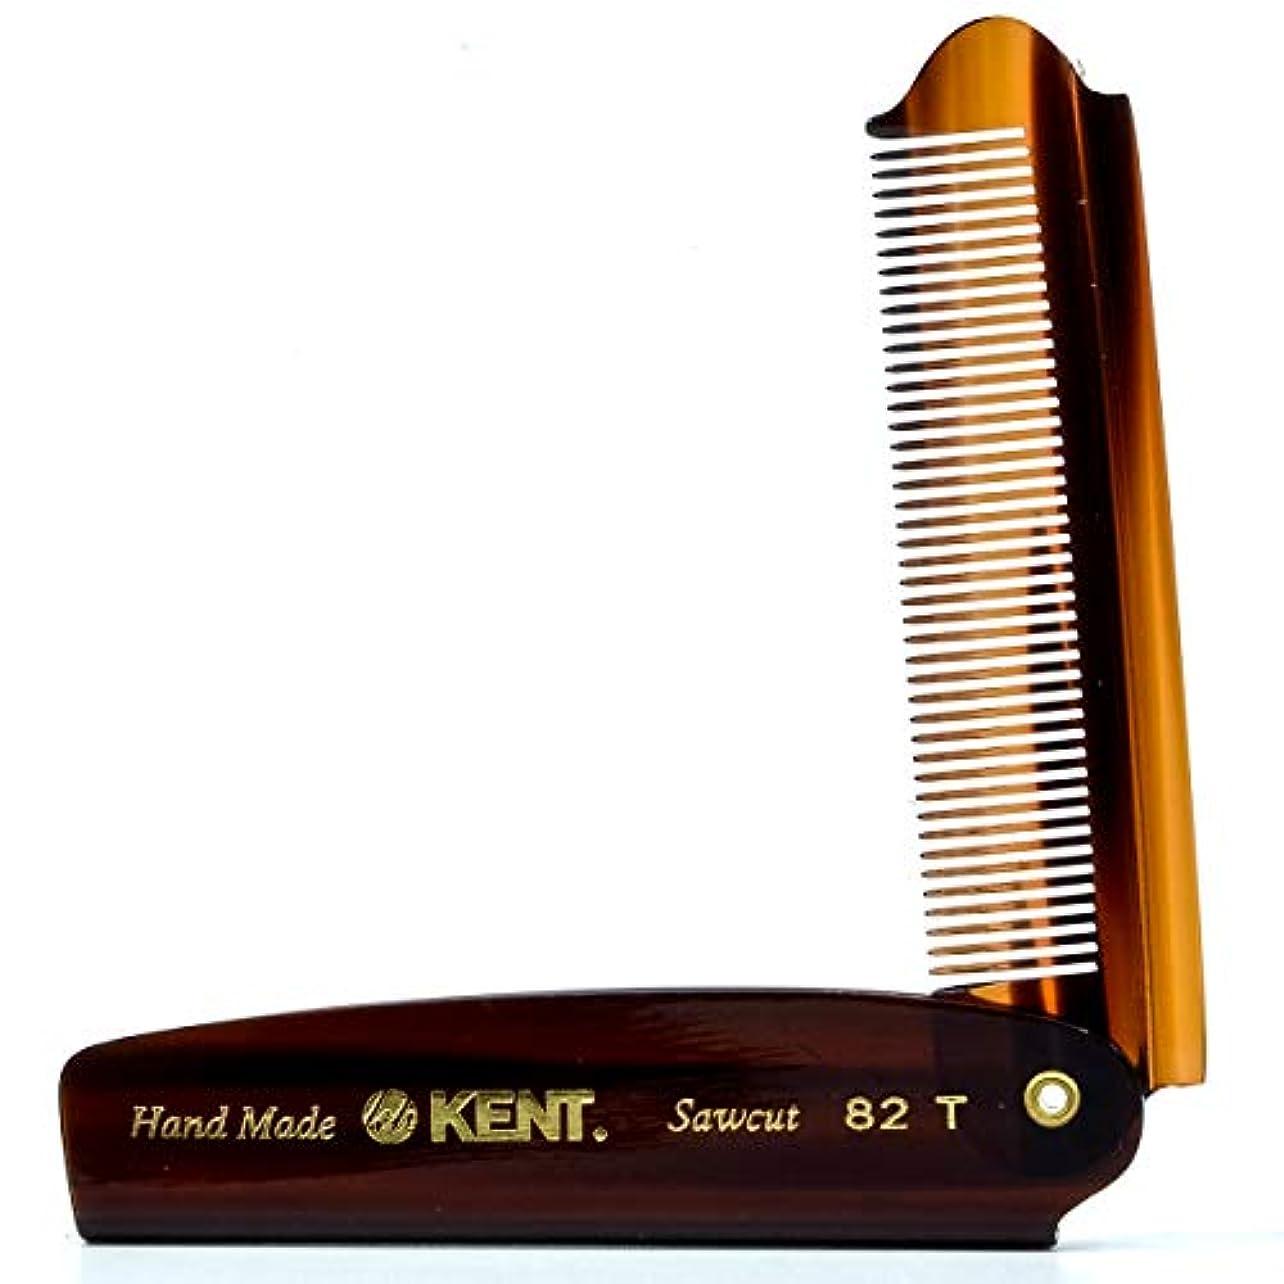 KENT ケント 携帯用 メンズ 折りたたみ式 コーム 82T 細め イギリス製